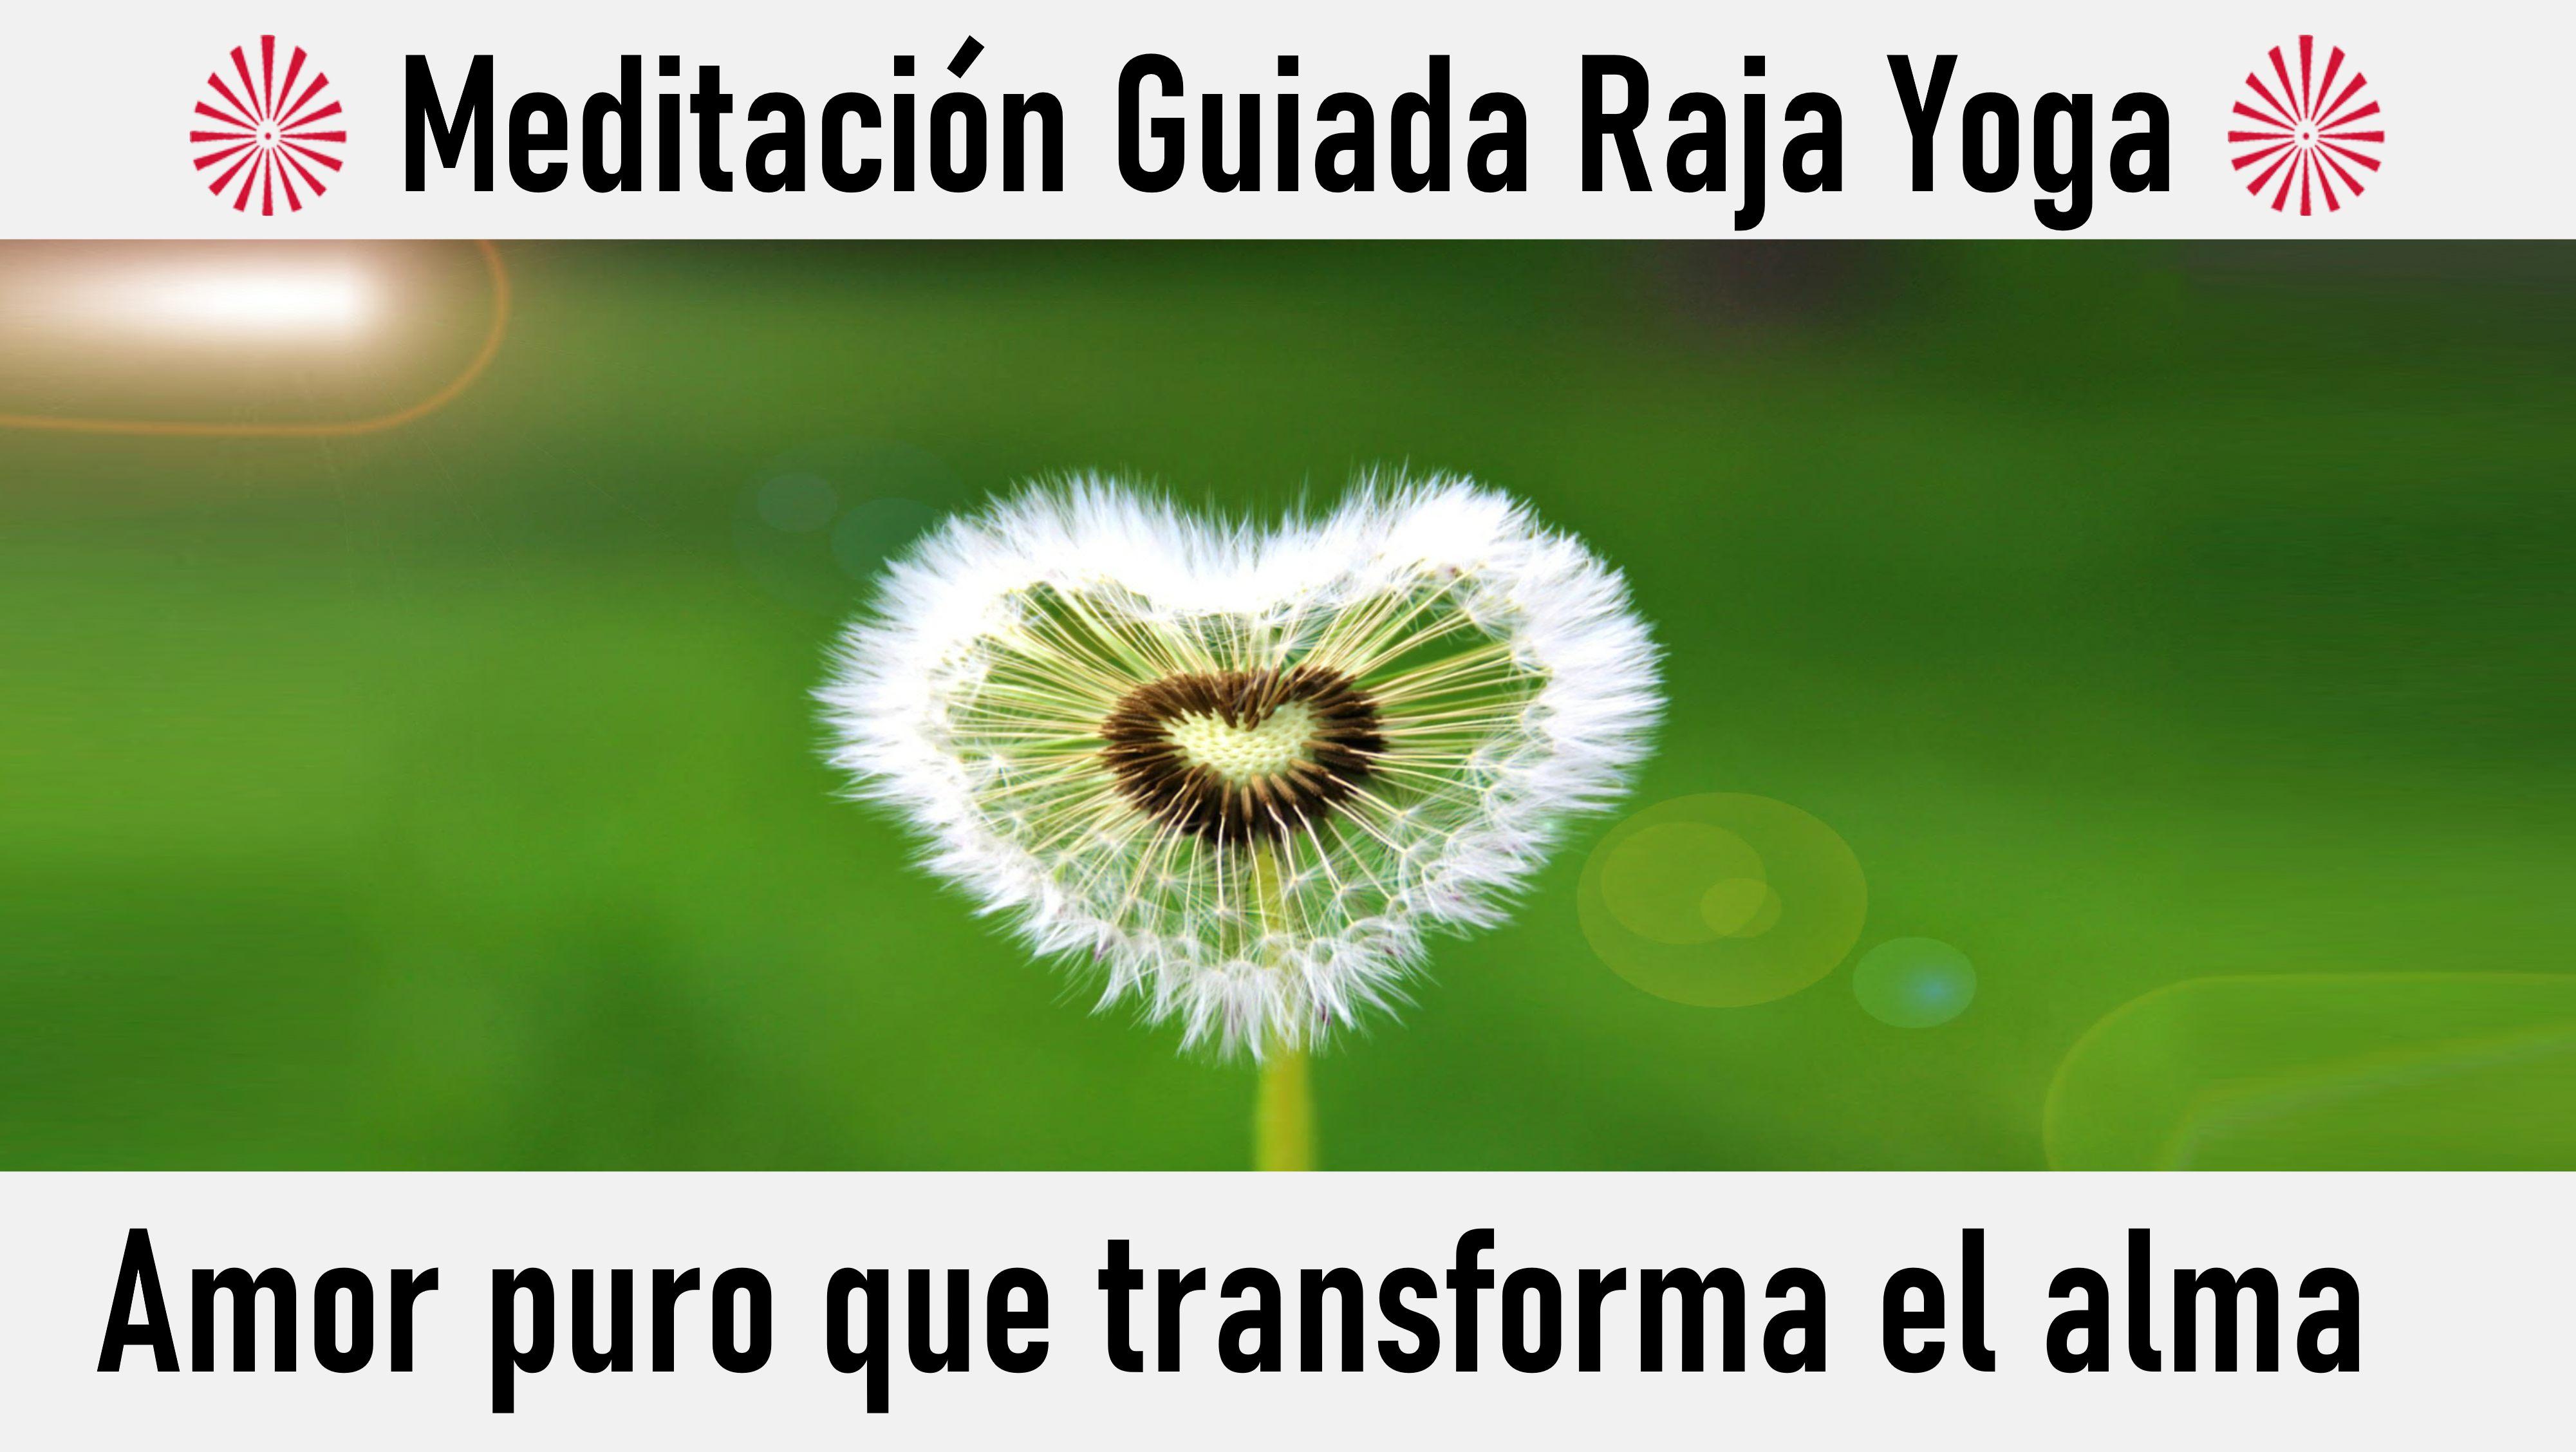 Meditación Raja Yoga: Amor puro que transforma el alma (14 Junio 2020) On-line desde Valencia